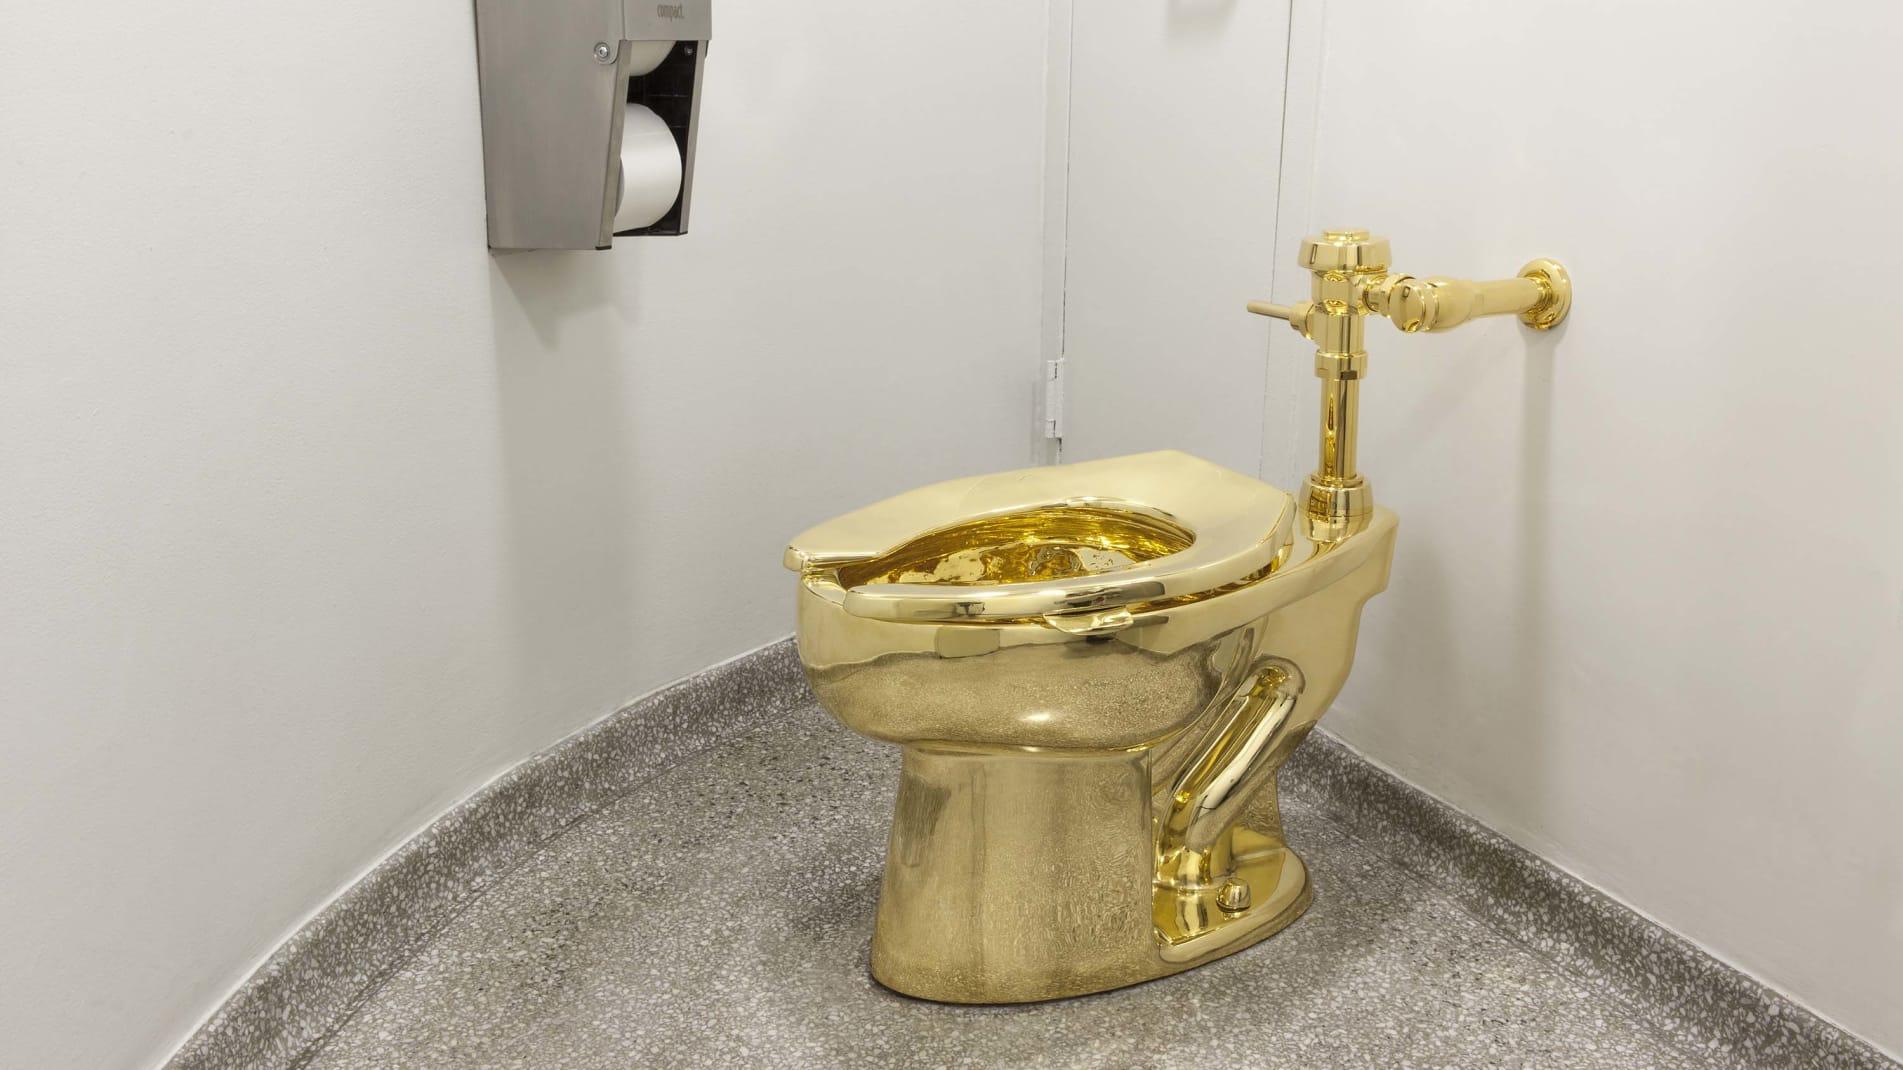 """مرحاض """"أمريكا"""" الذهبي من عيار 18 قيراطاً يحط في قصر بريطاني فخم"""